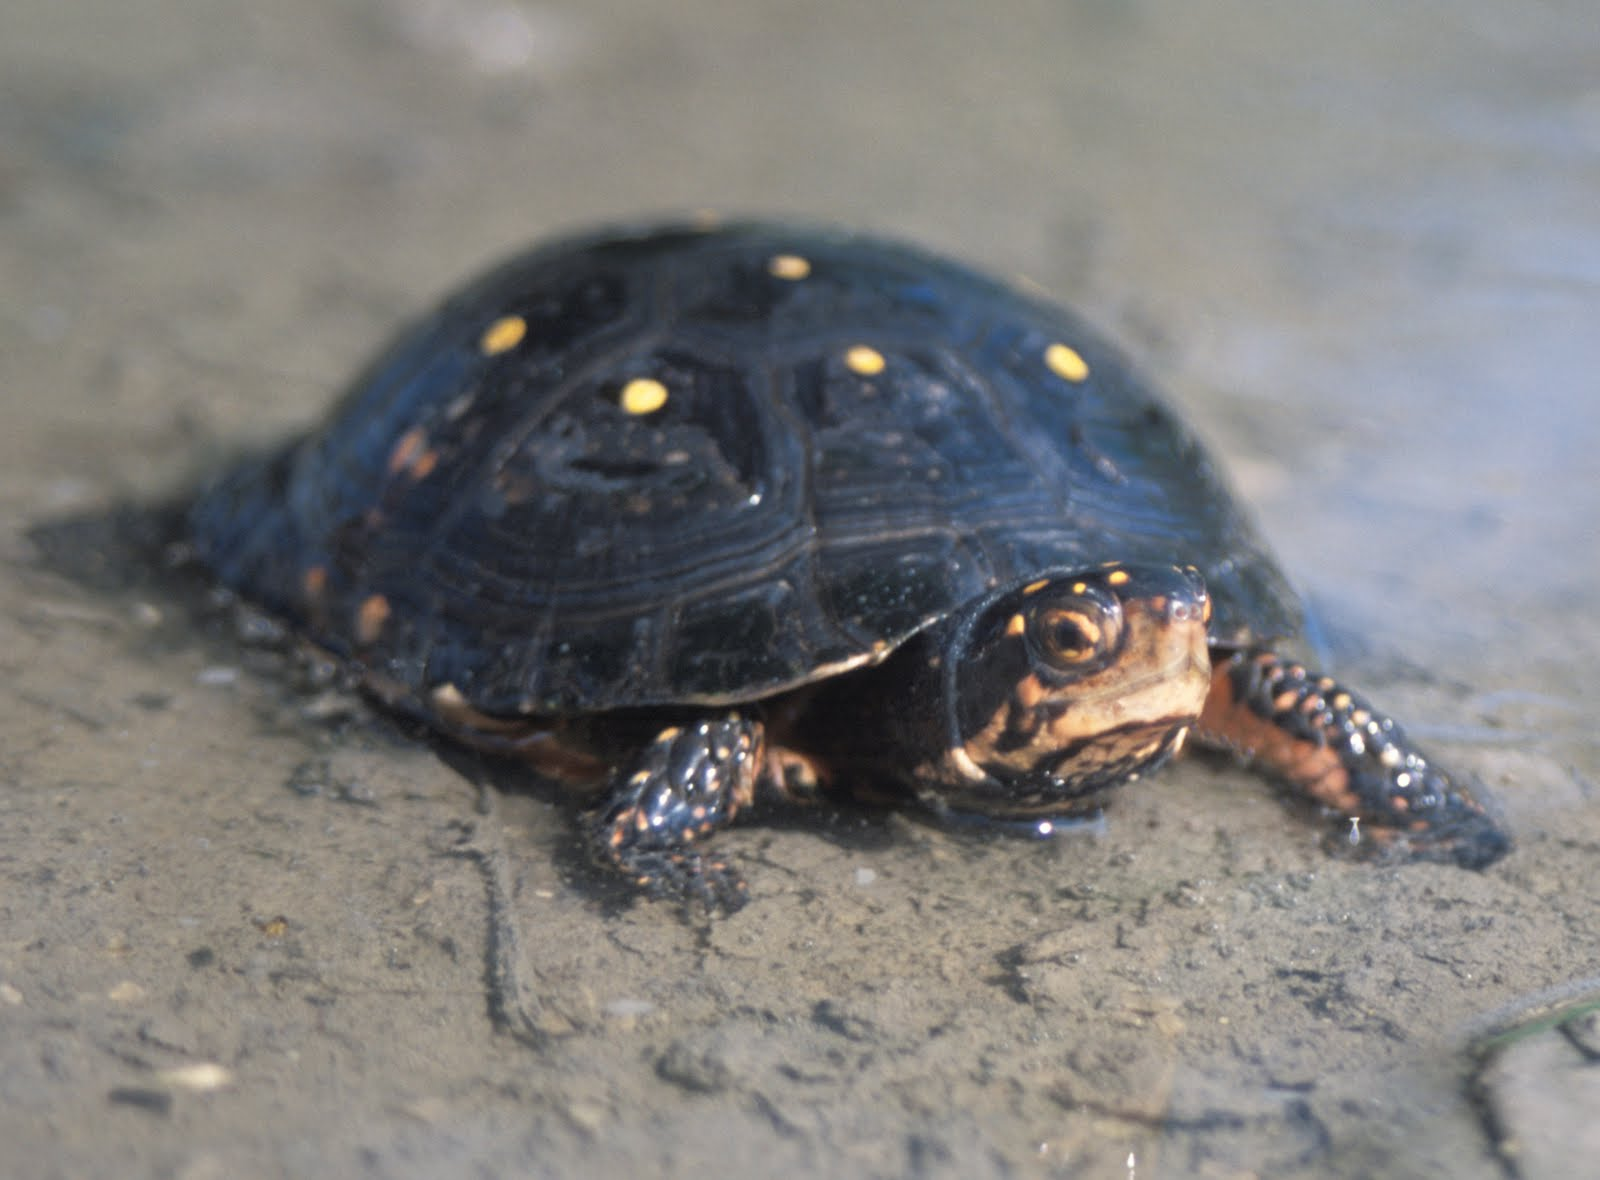 Tarta rughe le canadesi in pericolo for Letargo tartarughe acquatiche